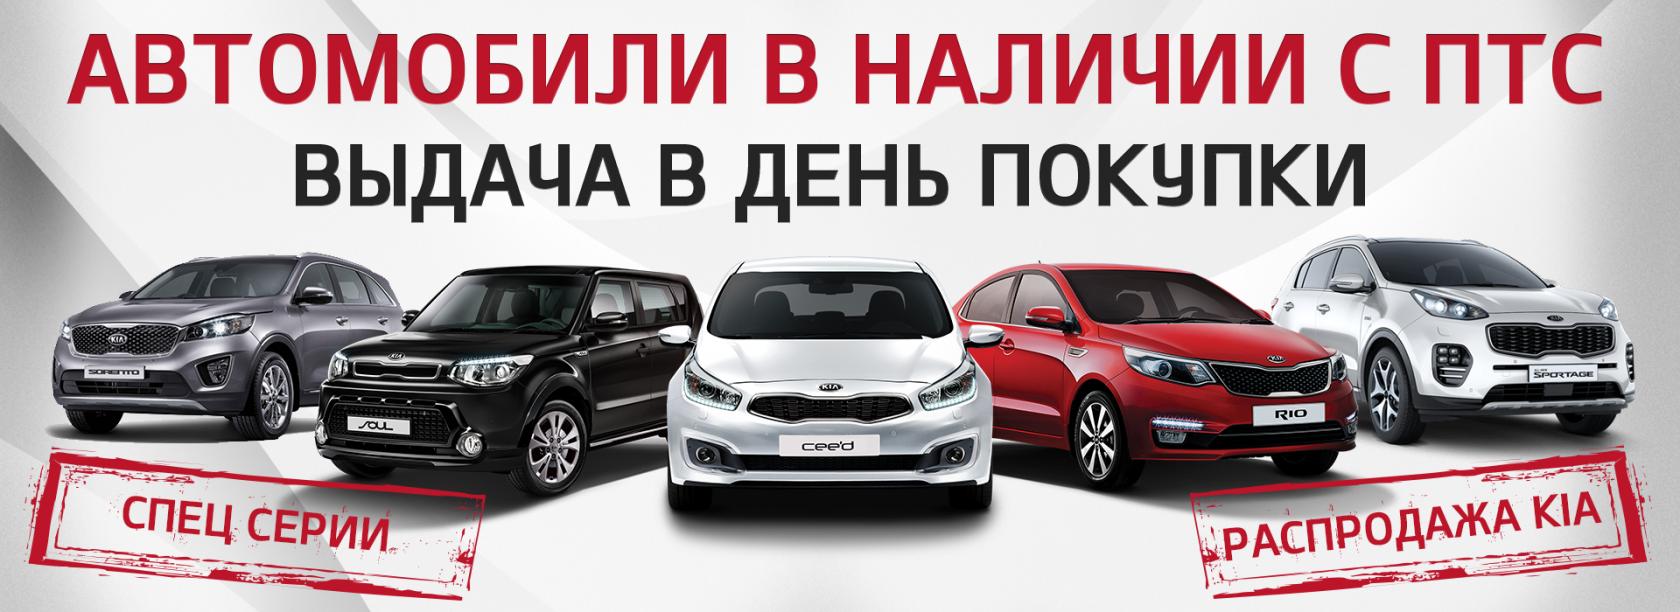 Подержанные авто в Москве на сайте продаж автомобилей с